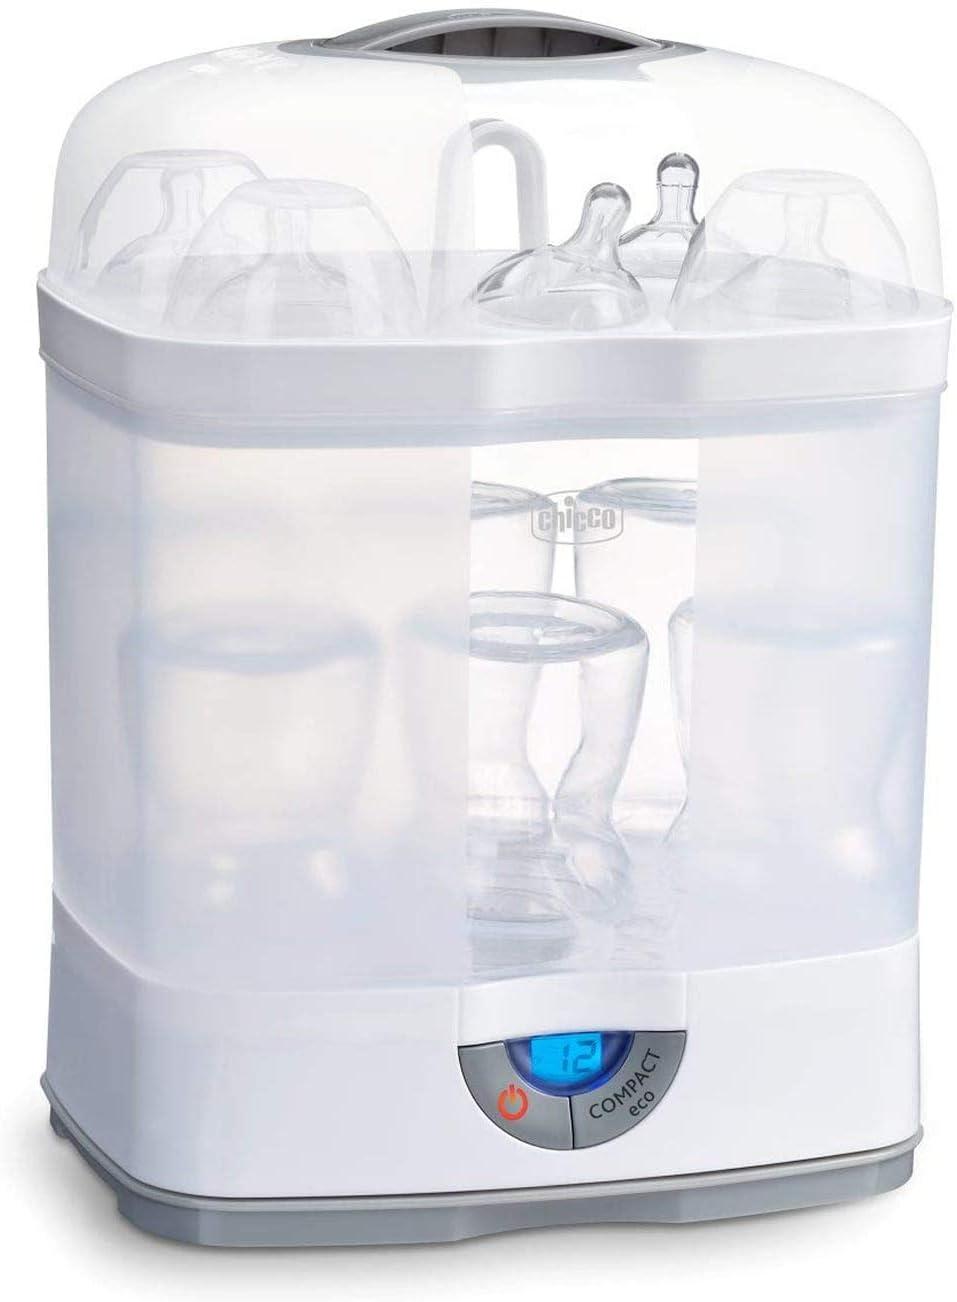 Chicco Steril Natural 3en1 00007391000000 - Esterilizador eléctrico de hasta 6 biberones en 5 minutos